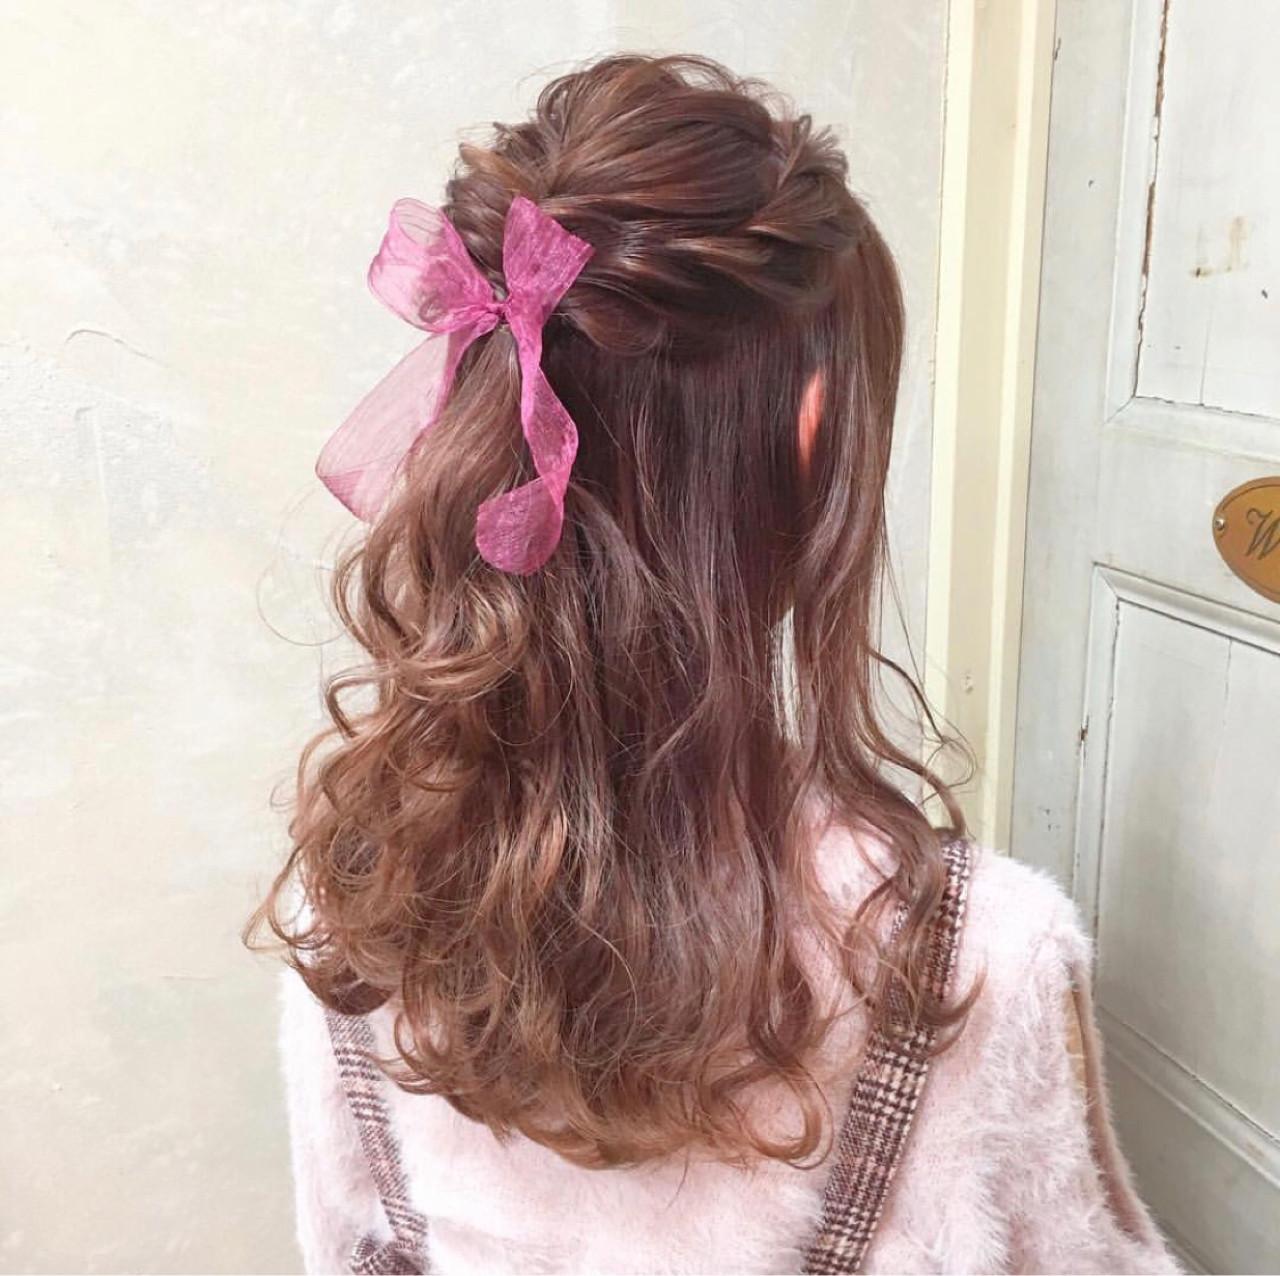 波ウェーブ ハーフアップ デート ヘアアレンジ ヘアスタイルや髪型の写真・画像